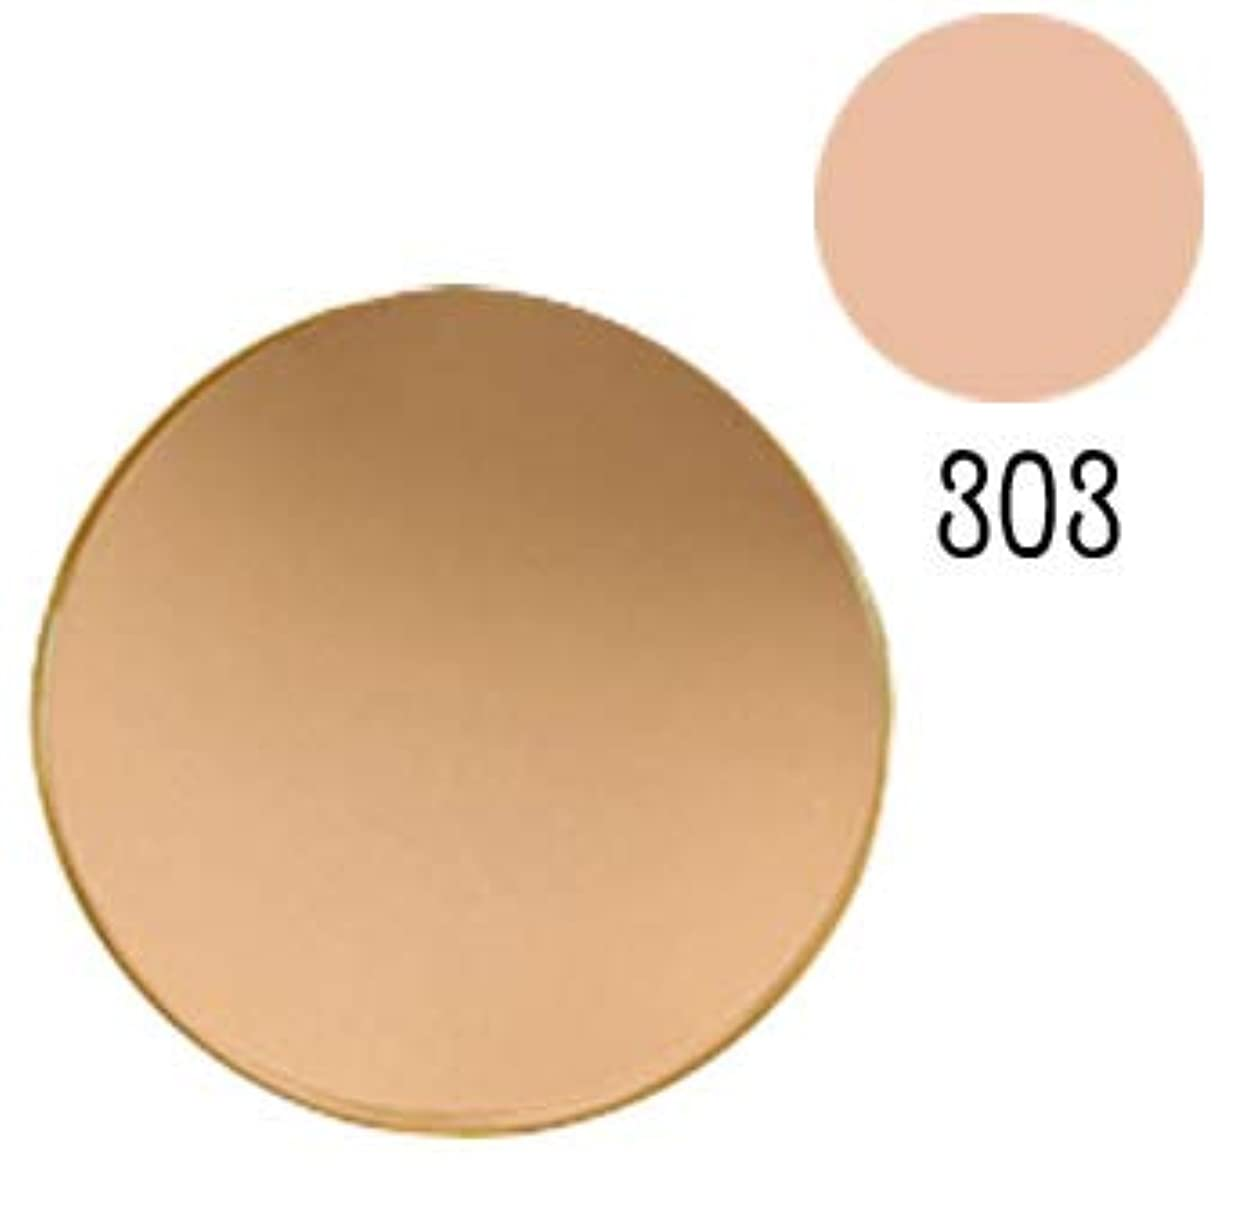 揺れる複雑考えたコスメデコルテ エタニア シュール ファンデーション<303> レフィル SPF15/PA++